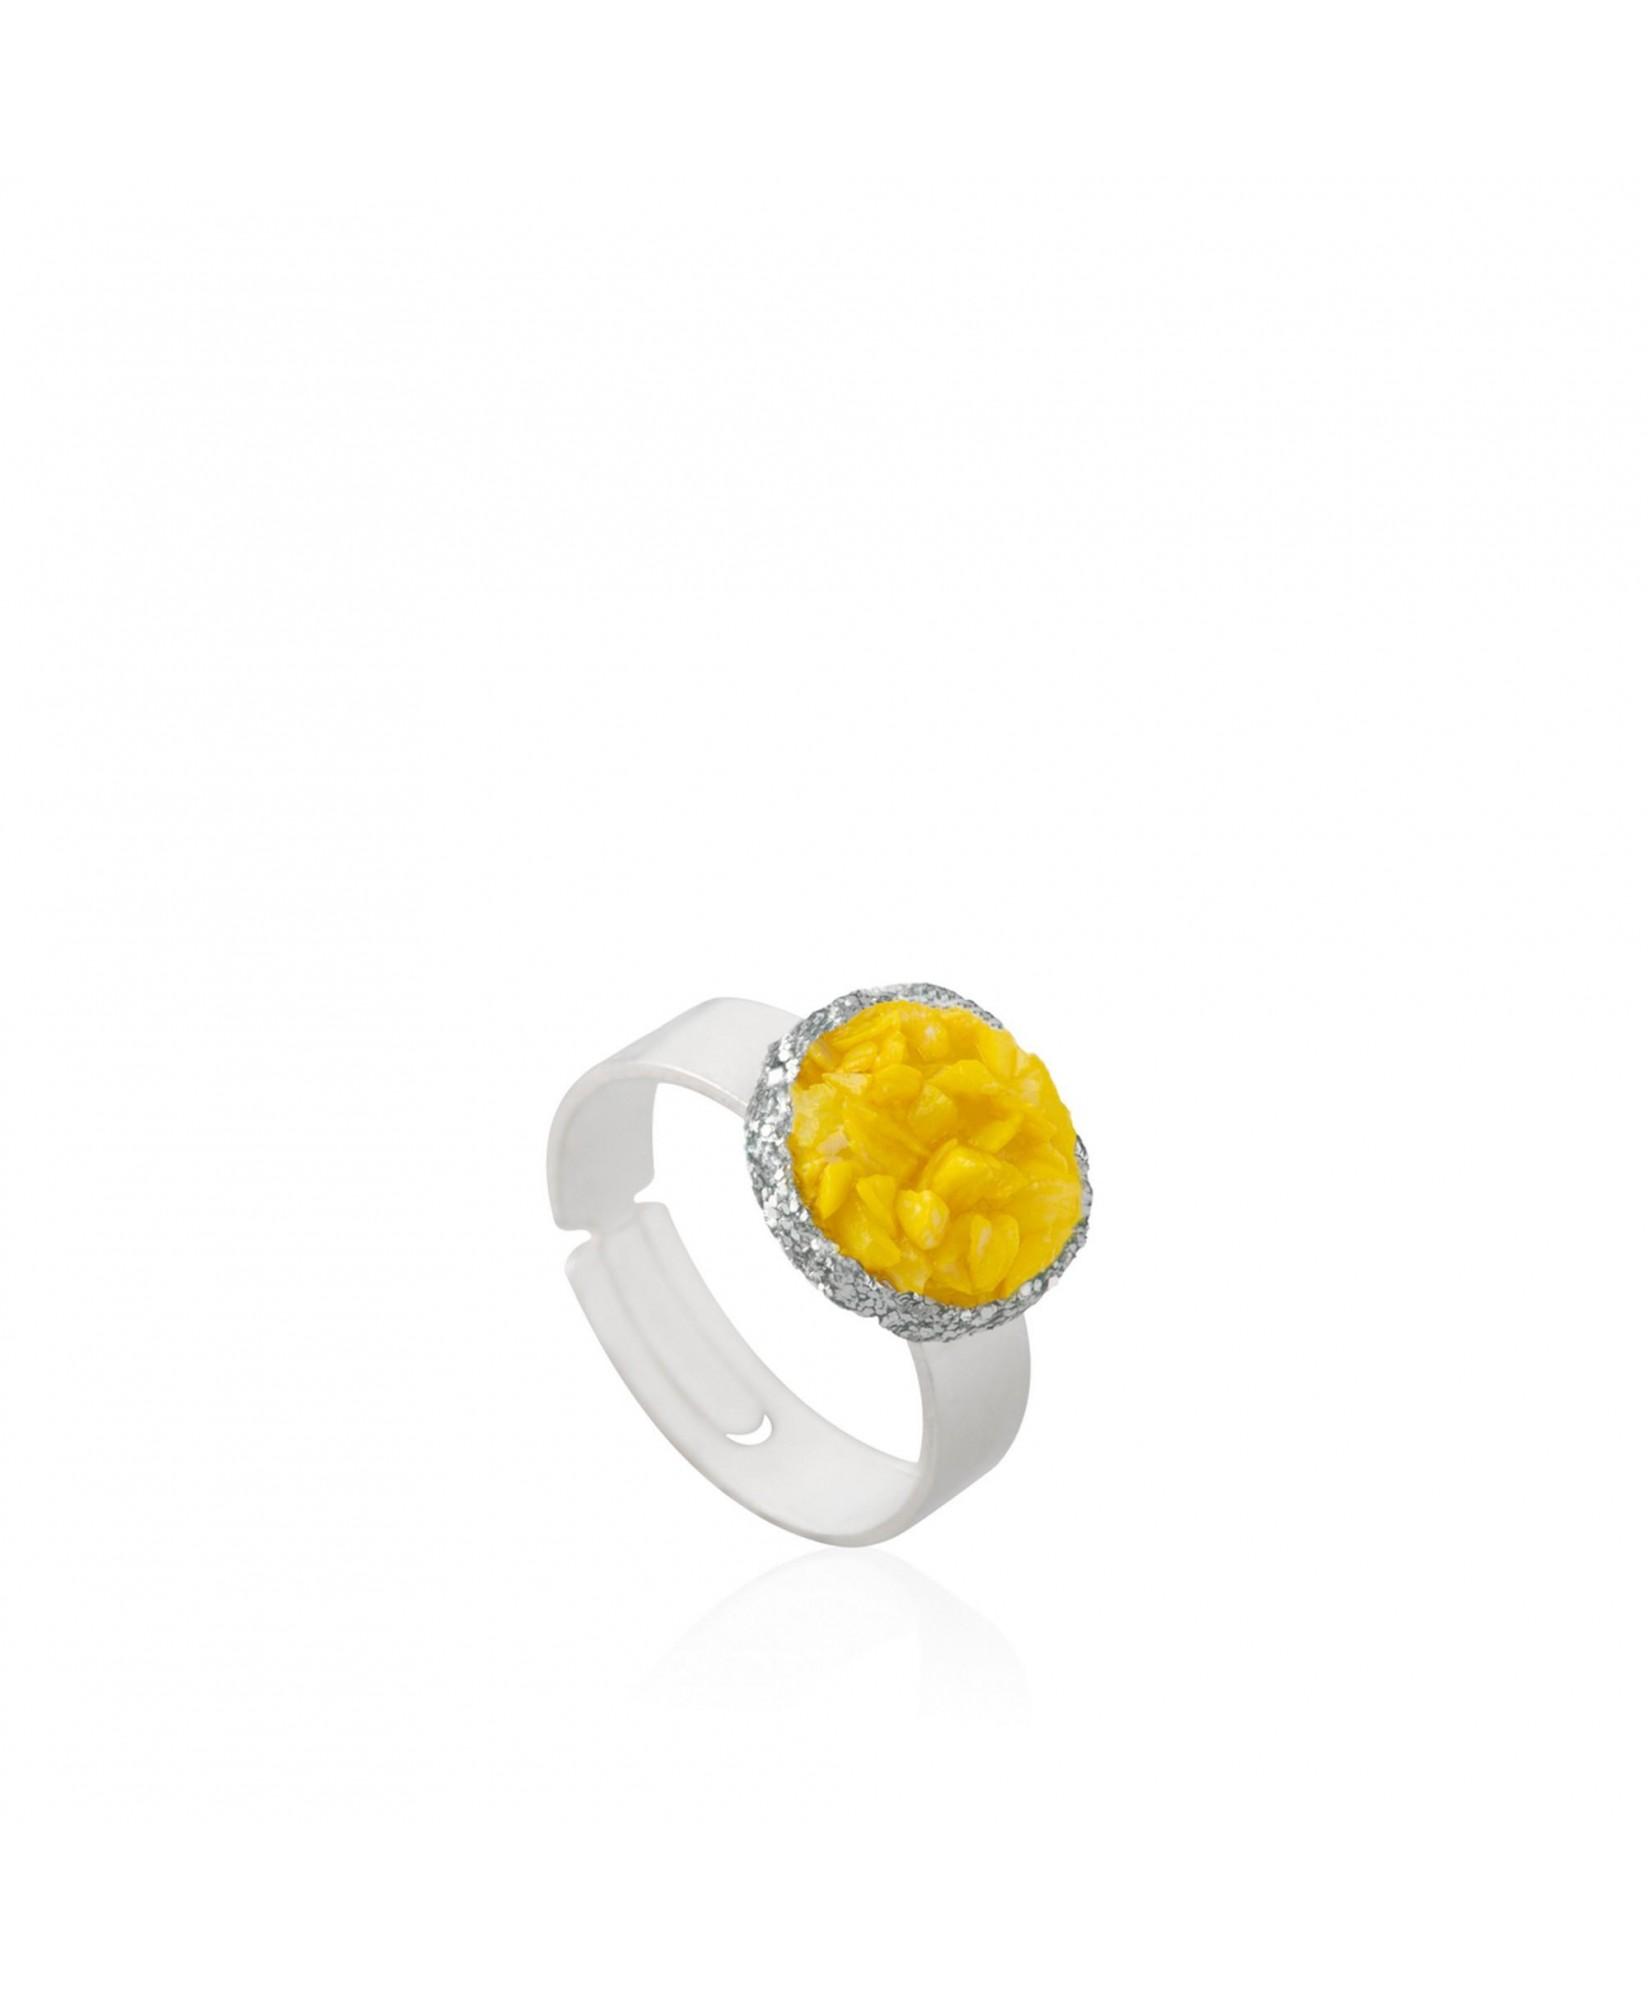 Anillo plata Sun con nácar amarillo Anillo plata Sun con nácar amarillo